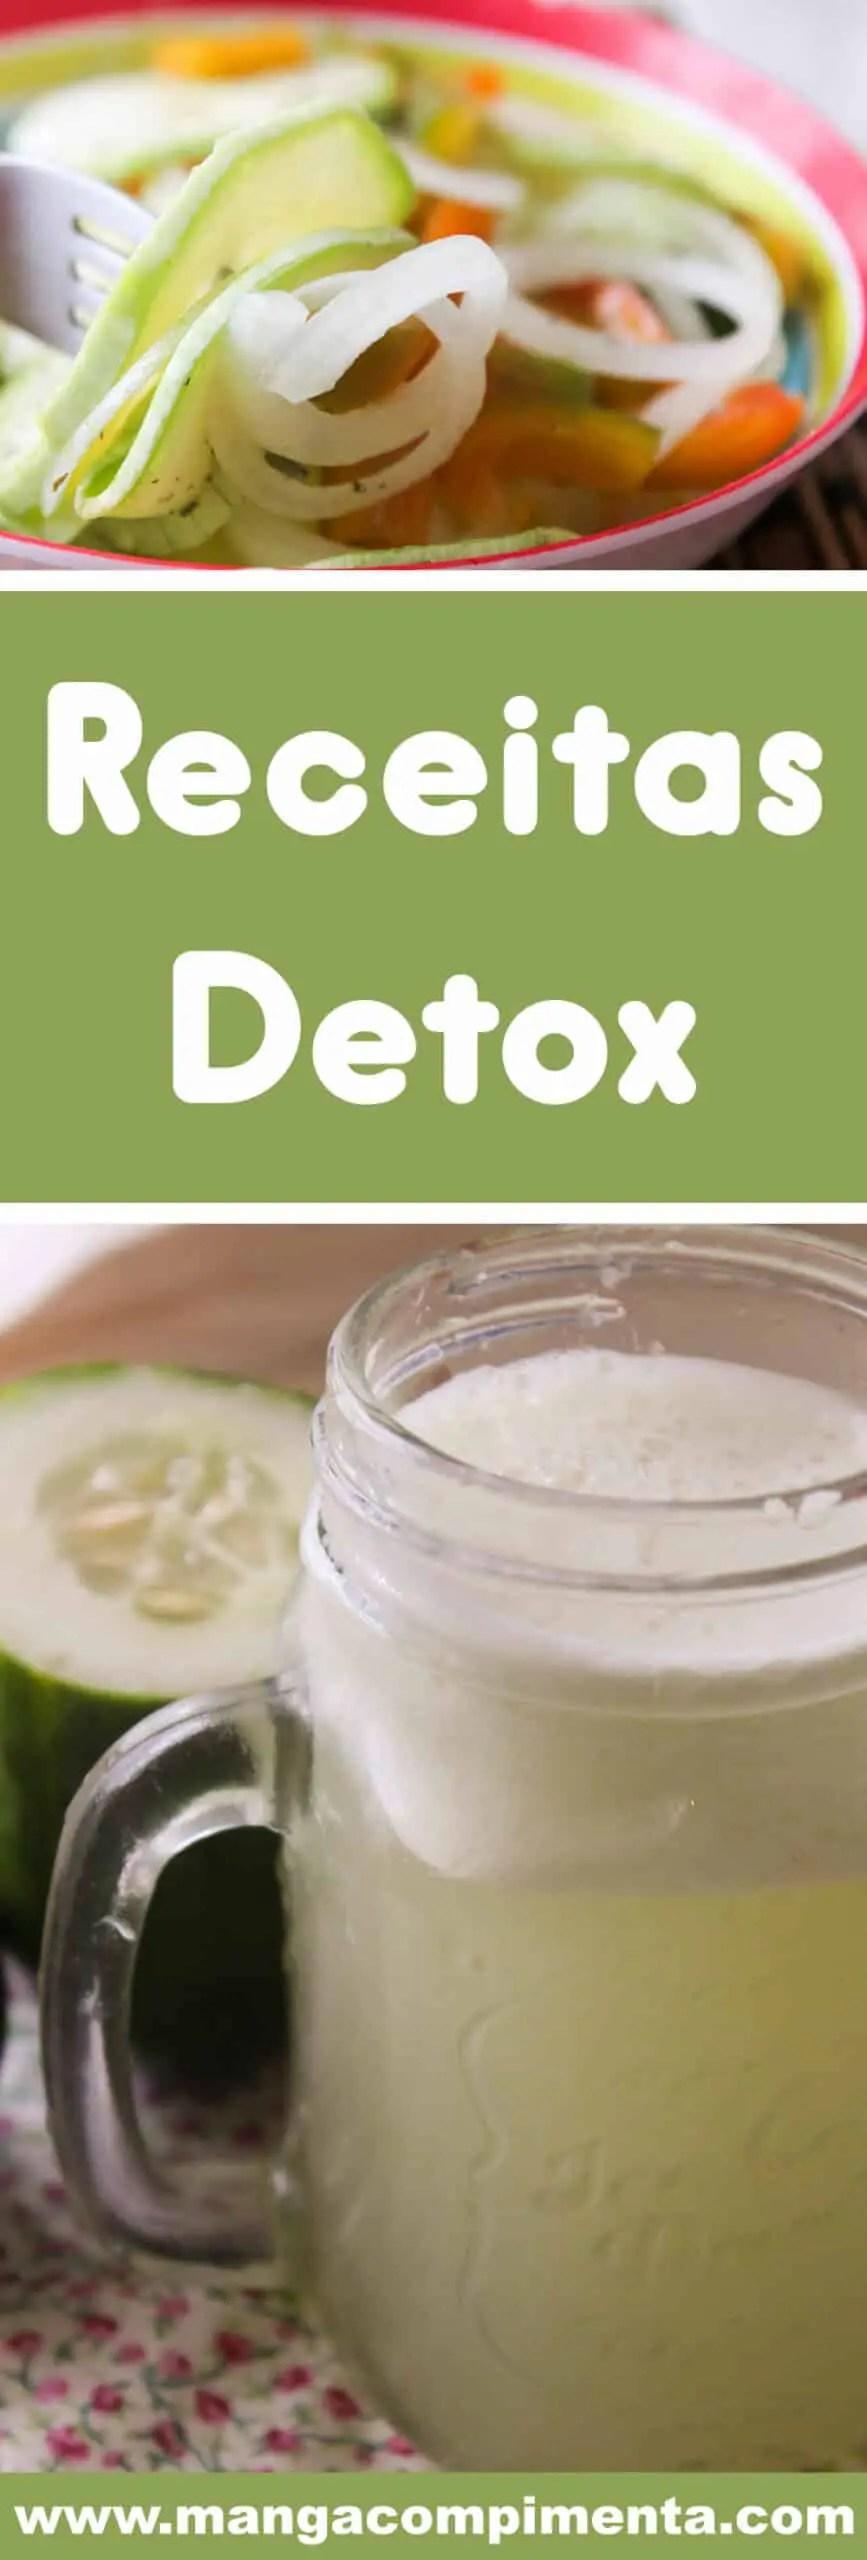 Conheça 20 Receitas Detox - comece o ano cuidando de você com pratos deliciosos!